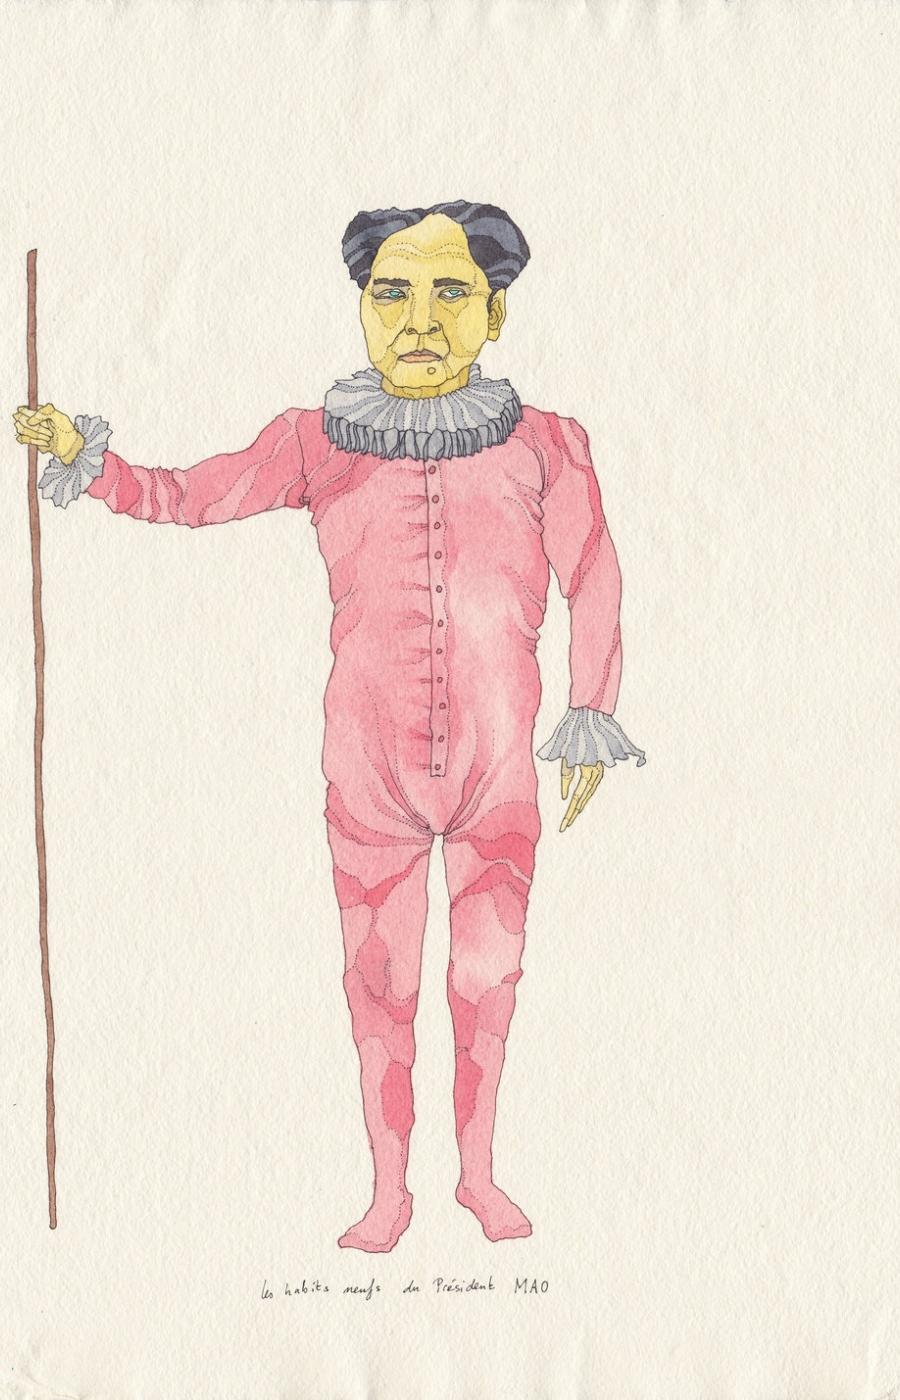 <b>Clément Bataille</b>, <em>Les habits neufs du Président Mao</em>, Encre et aquarelle sur papier recyclé, 2019 /40x29cm